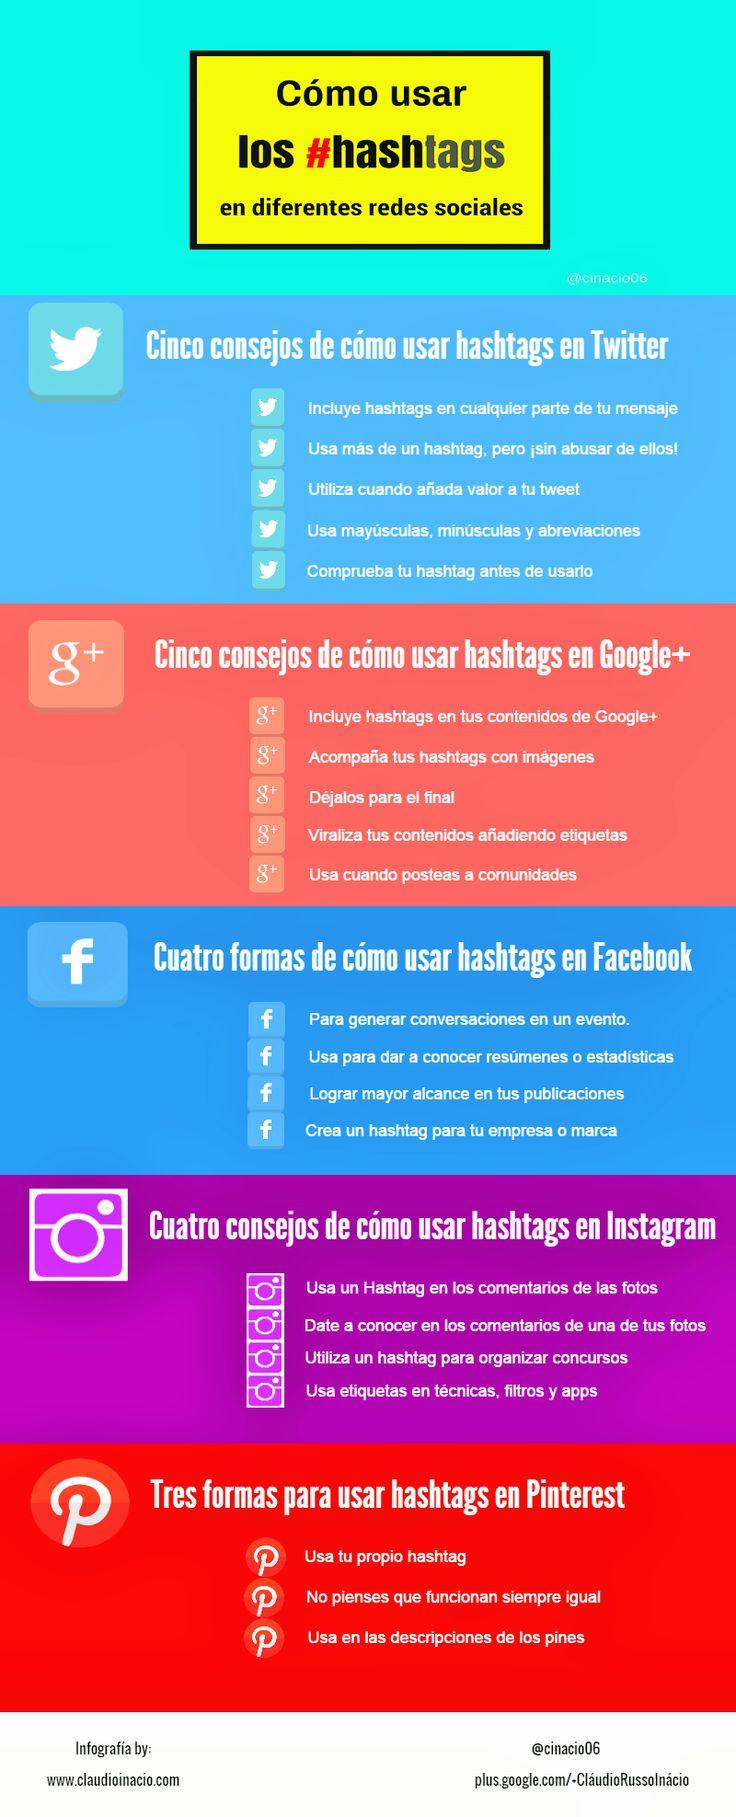 Cómo usar hashtags en las diferentes redes sociales. #RedesSociales #SocialMedia #CM #CommunityManager